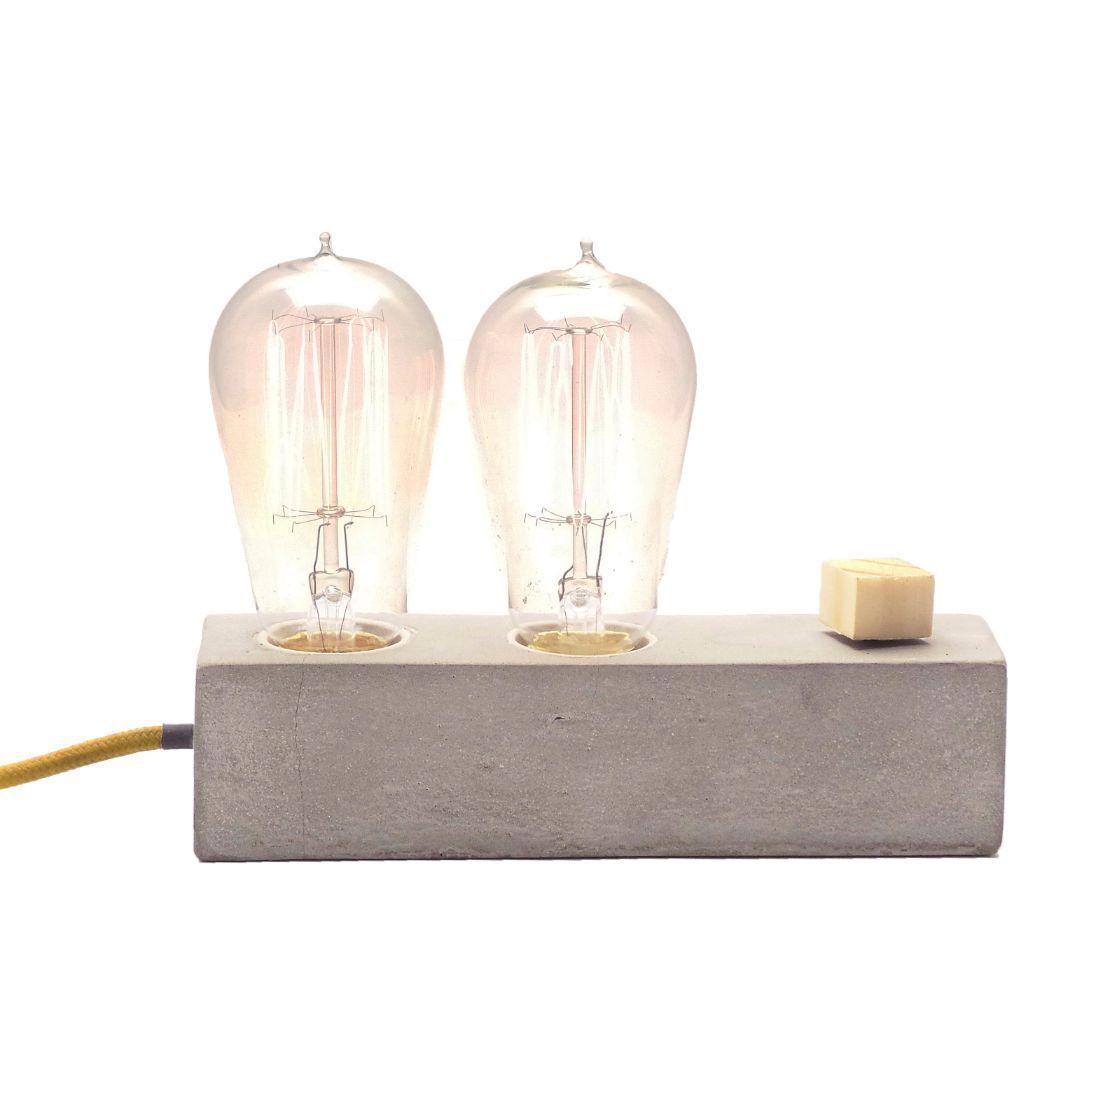 Combo duas Luminárias de Mesa Abajur Zolt + Luminária Dupple Promoção  - ZOLT luminárias